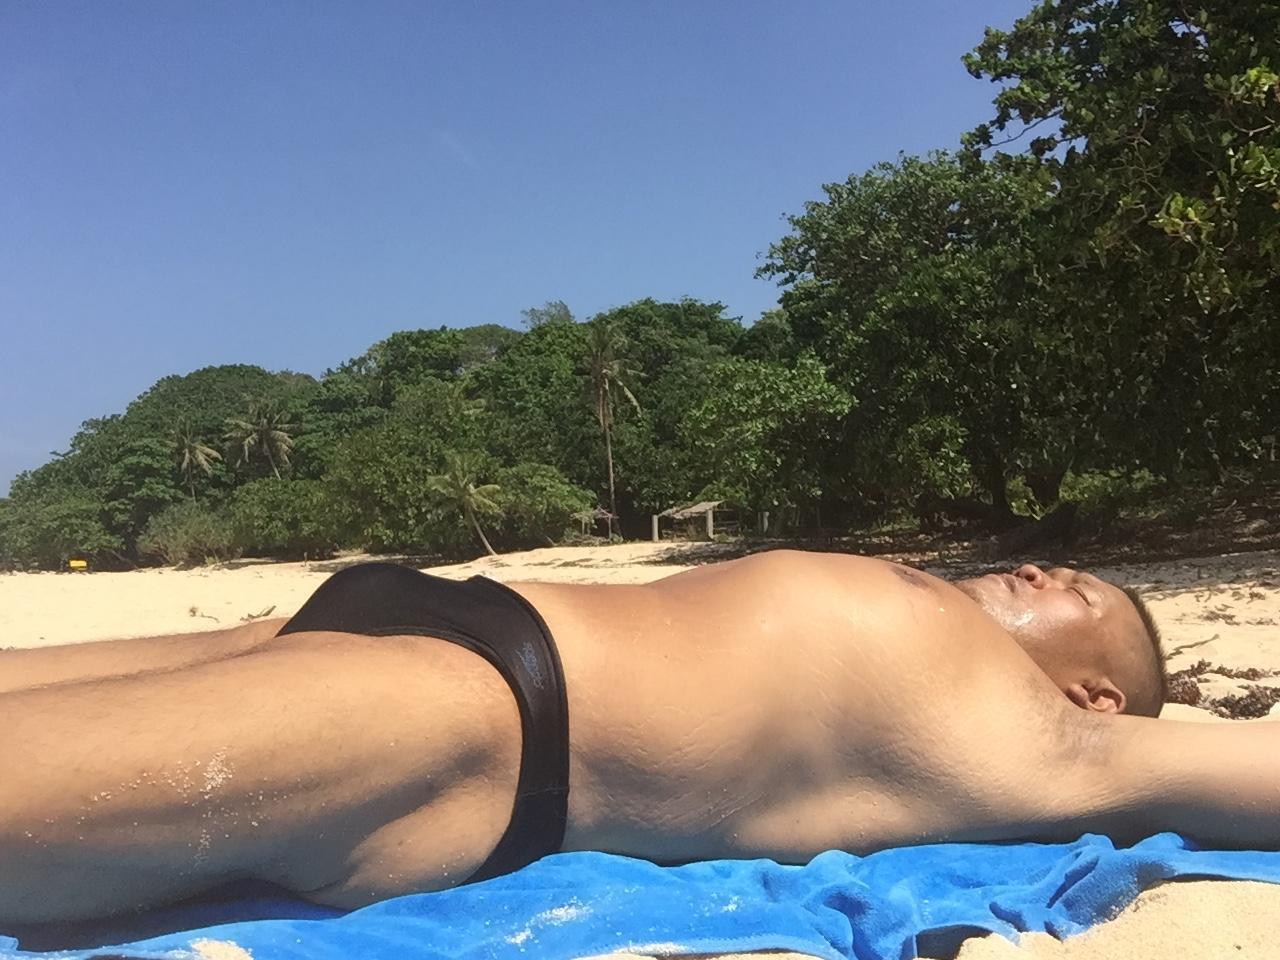 Bikini sun bather (29/218)